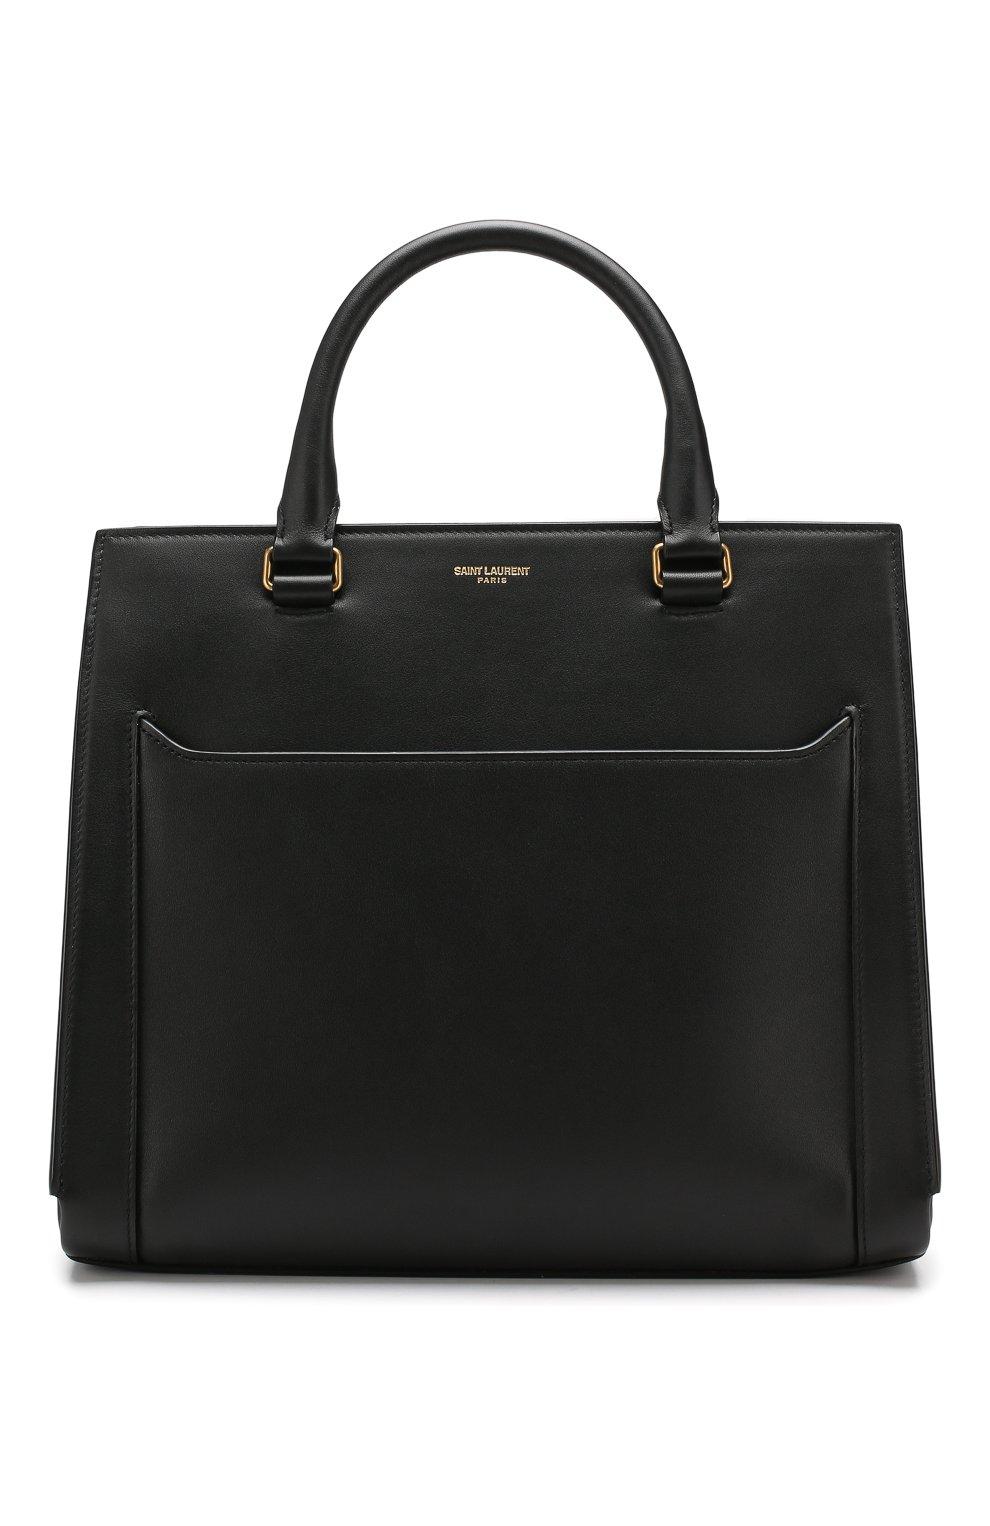 dd952ec1cb22 Женские сумки Saint Laurent по цене от 52 350 руб. купить в  интернет-магазине ЦУМ